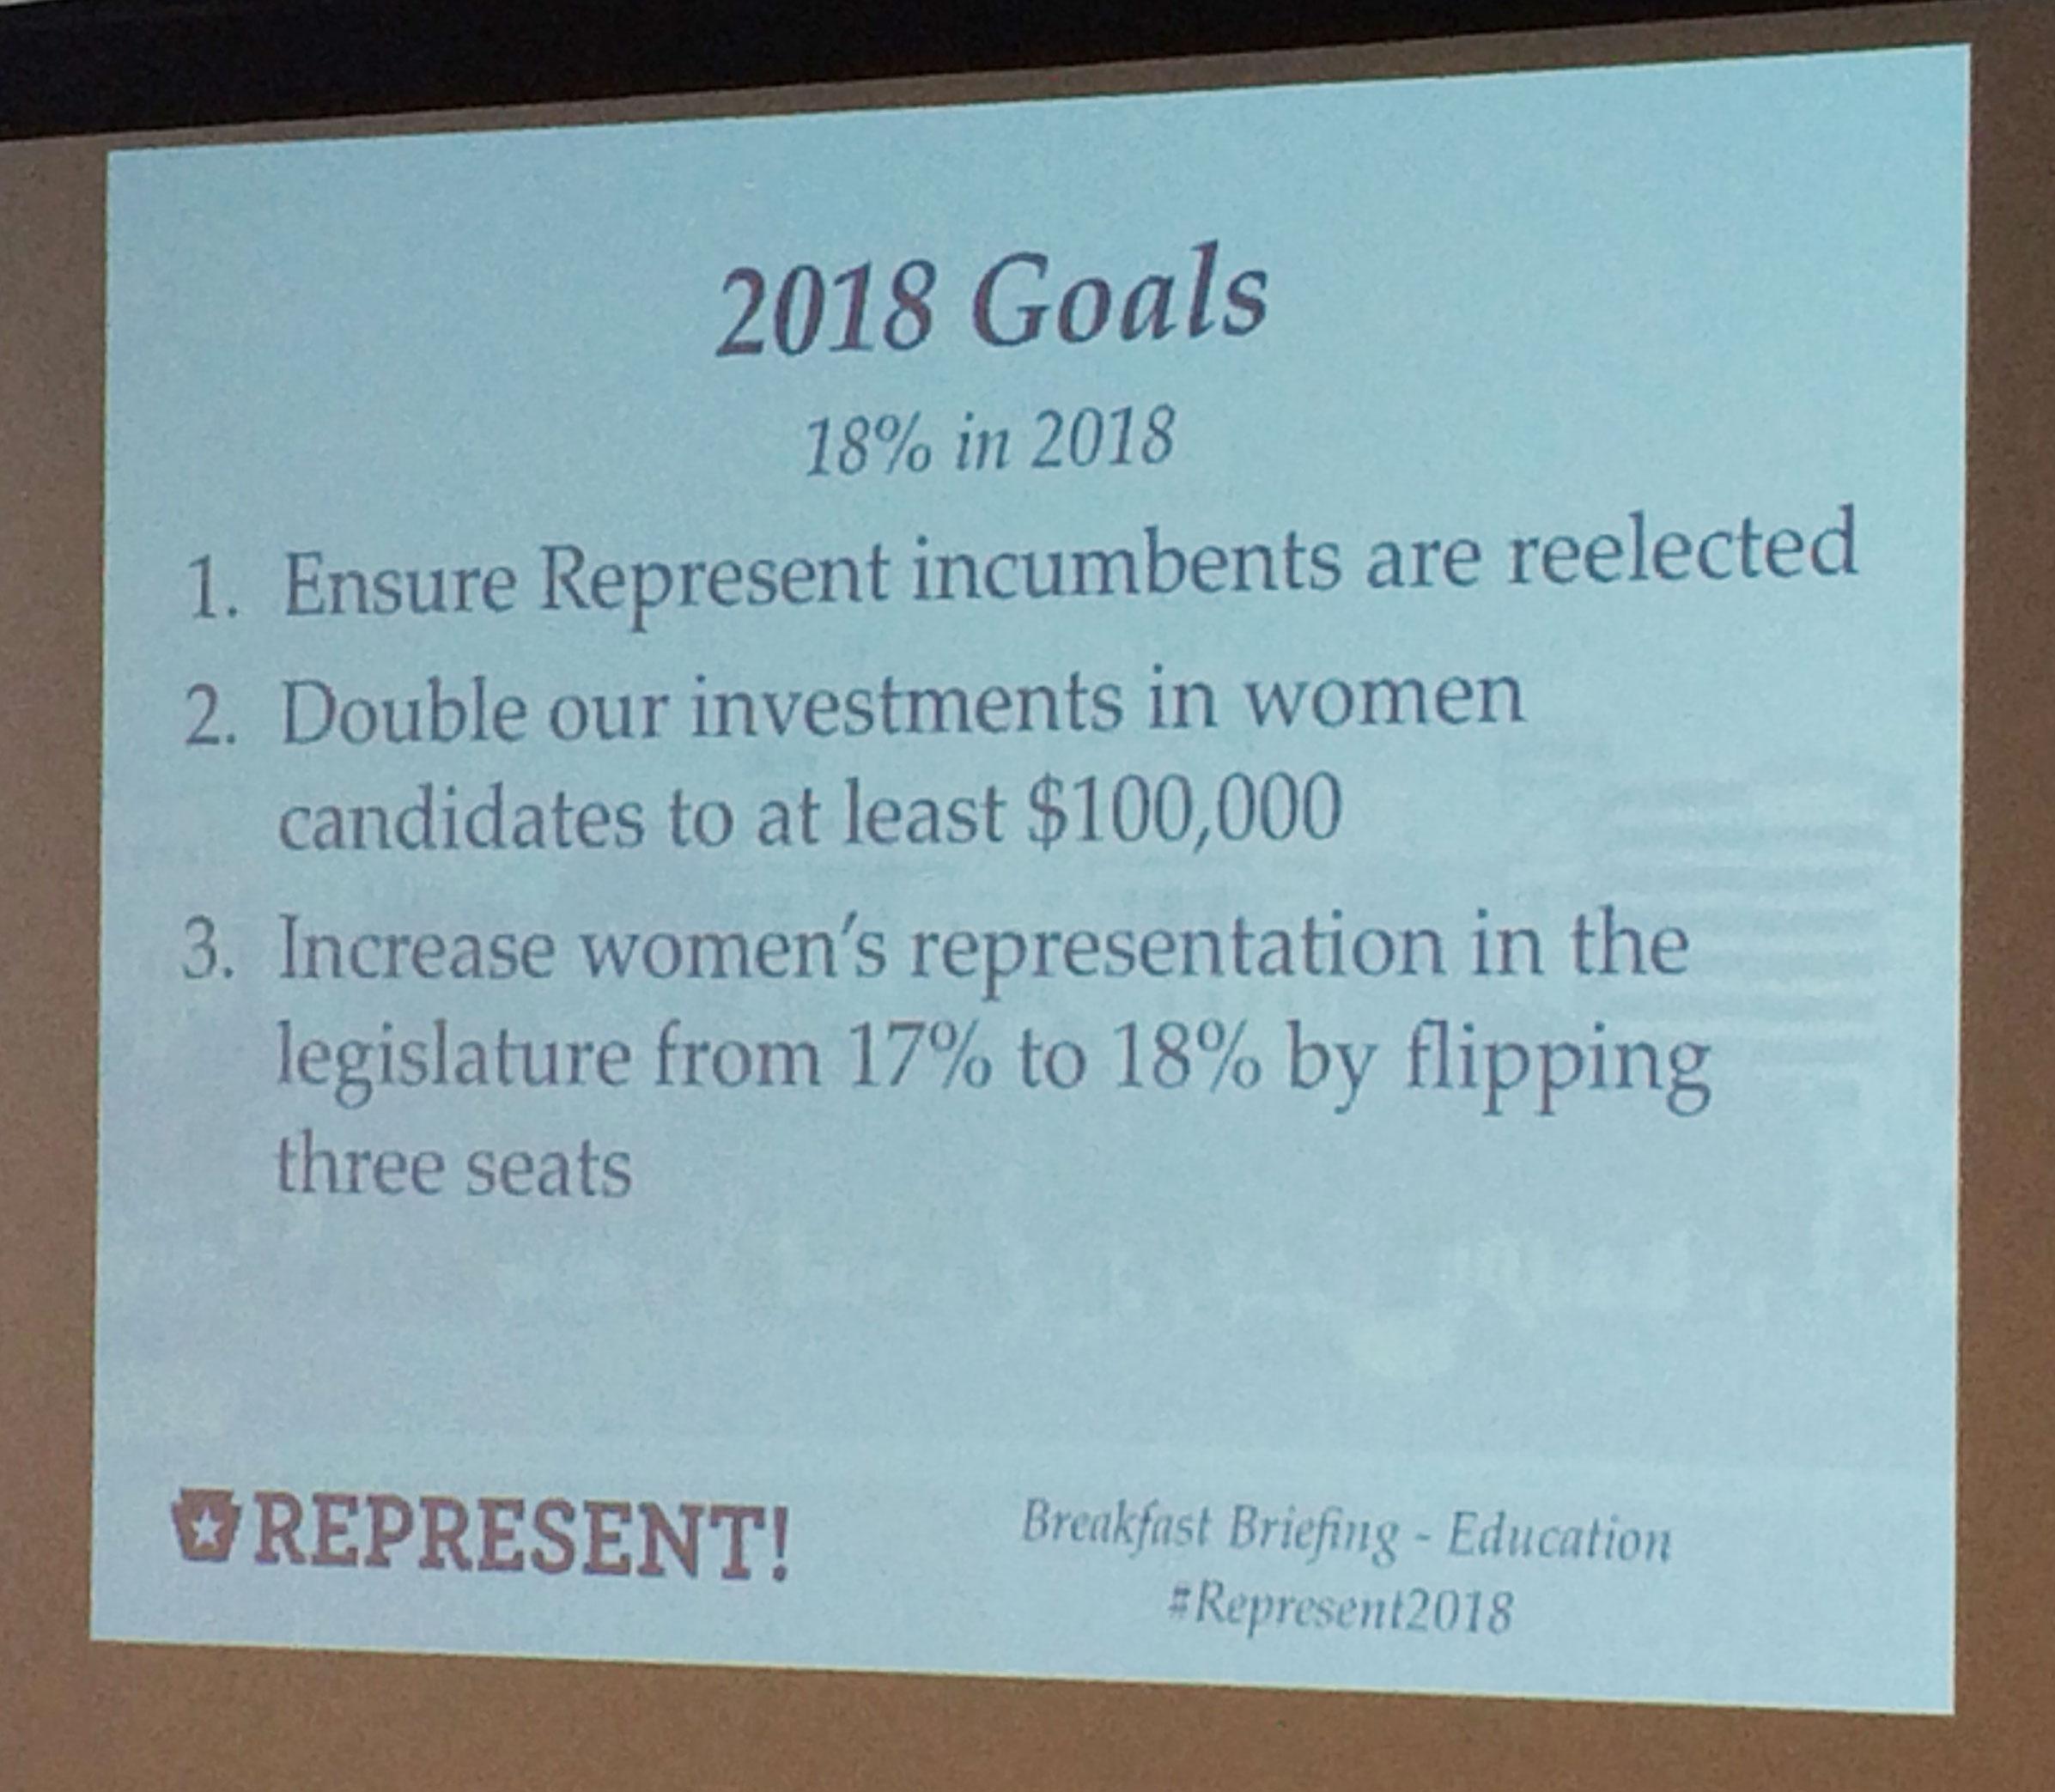 2018-goals.jpg